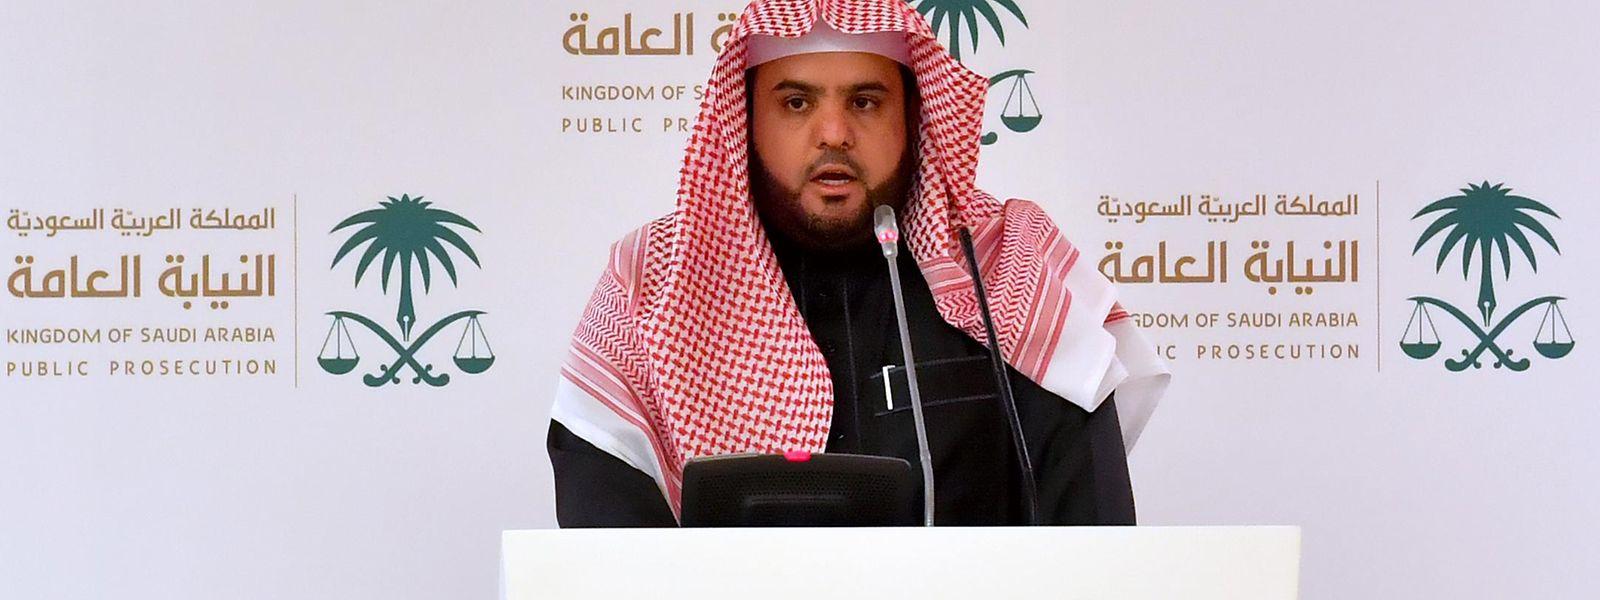 Shalan al-Shaalan, Sprecher der Staatsanwaltschaft von Saudi-Arabien, spricht auf einer Pressekonferenz. Ein Gericht in Saudi-Arabien hat fünf Menschen wegen des Mordes an dem regierungskritischen Journalisten Khashoggi zum Tode verurteilt.